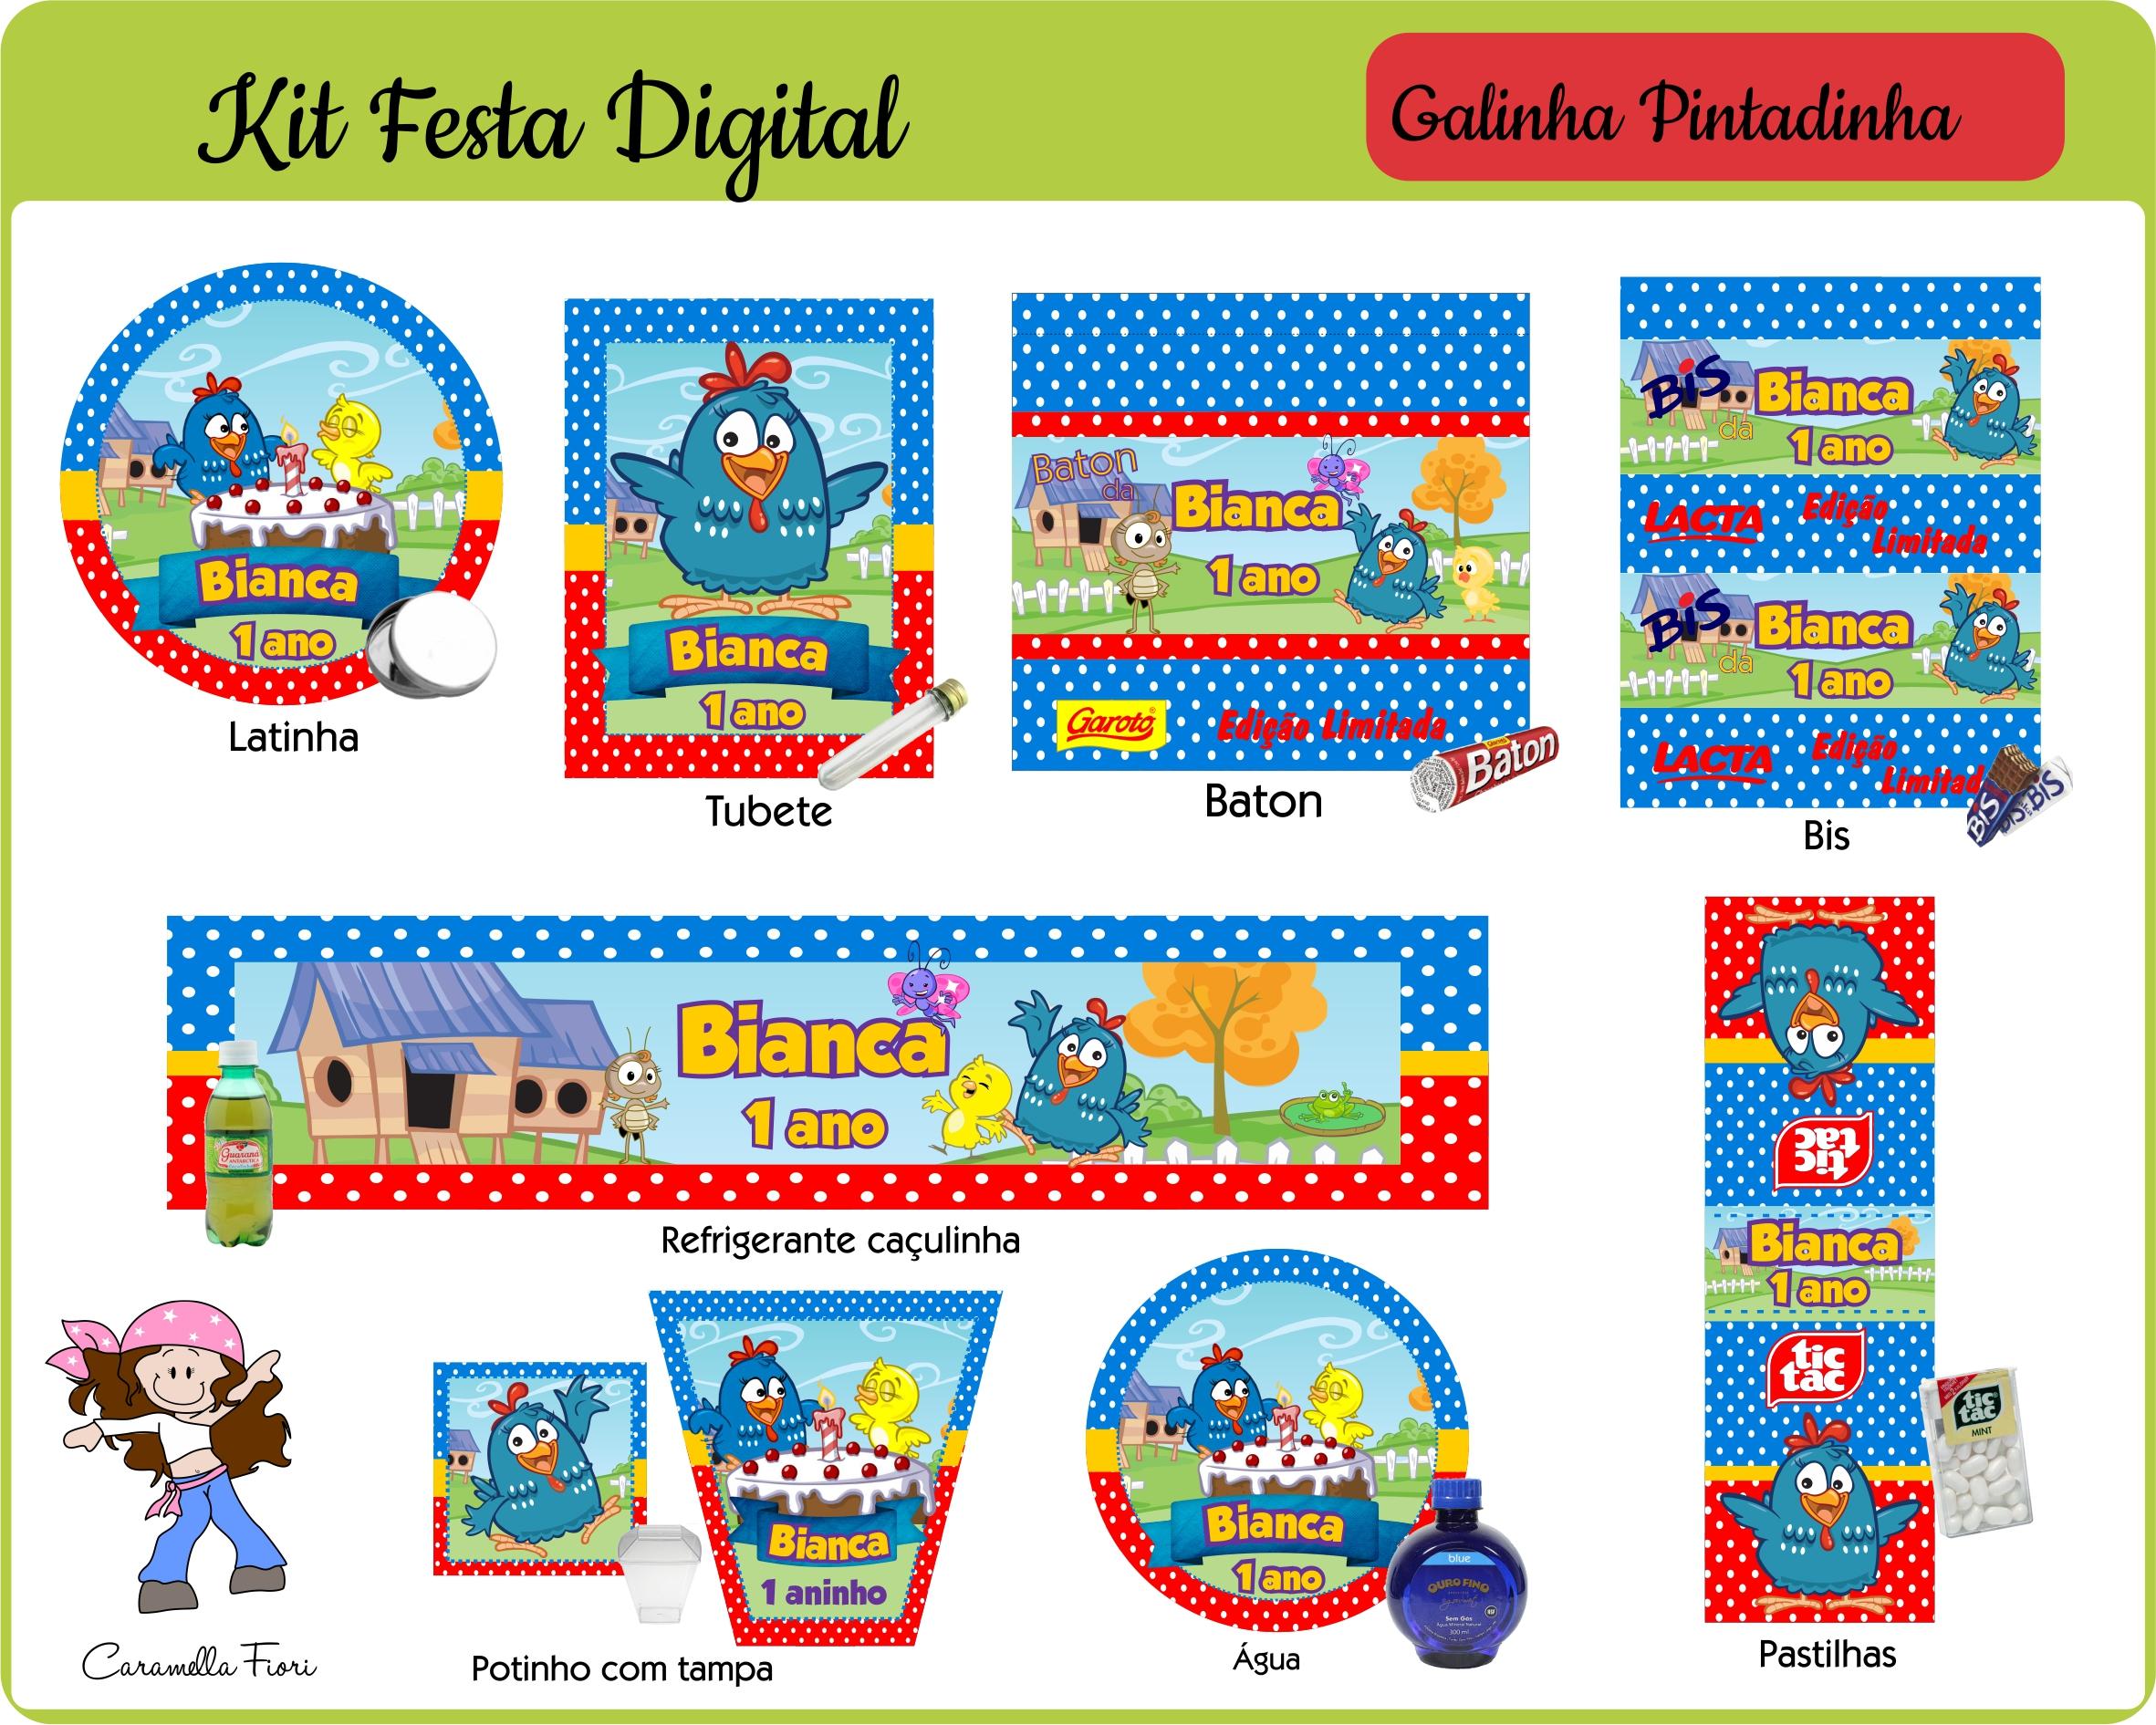 Kit Festa Digital Galinha Pintadinha No Elo7 Caramella Fiori